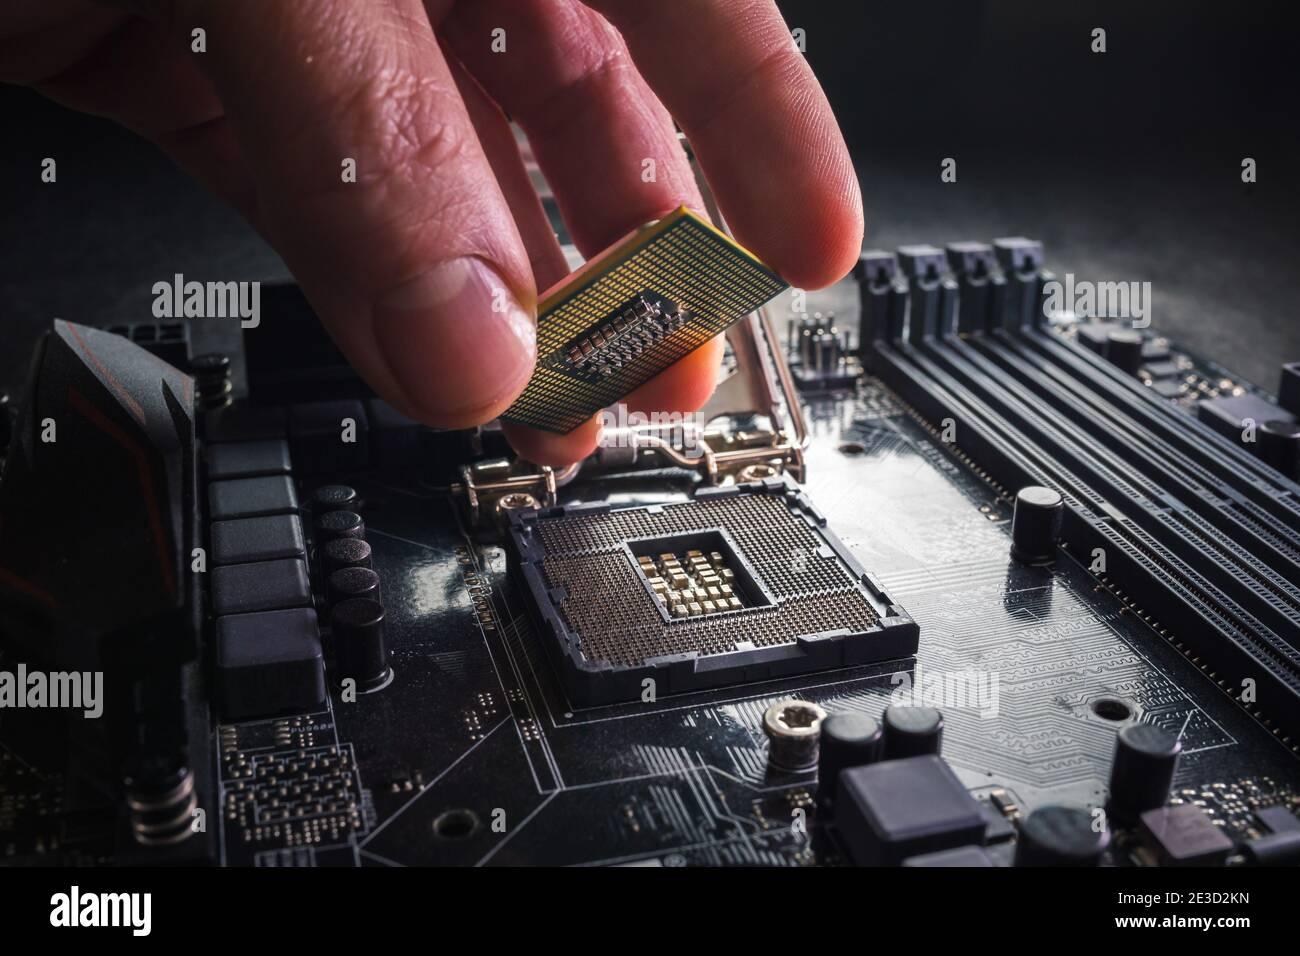 Il tecnico collega il microprocessore della CPU al socket della scheda madre. Contesto del workshop. Concetto di aggiornamento o riparazione del PC. Foto Stock